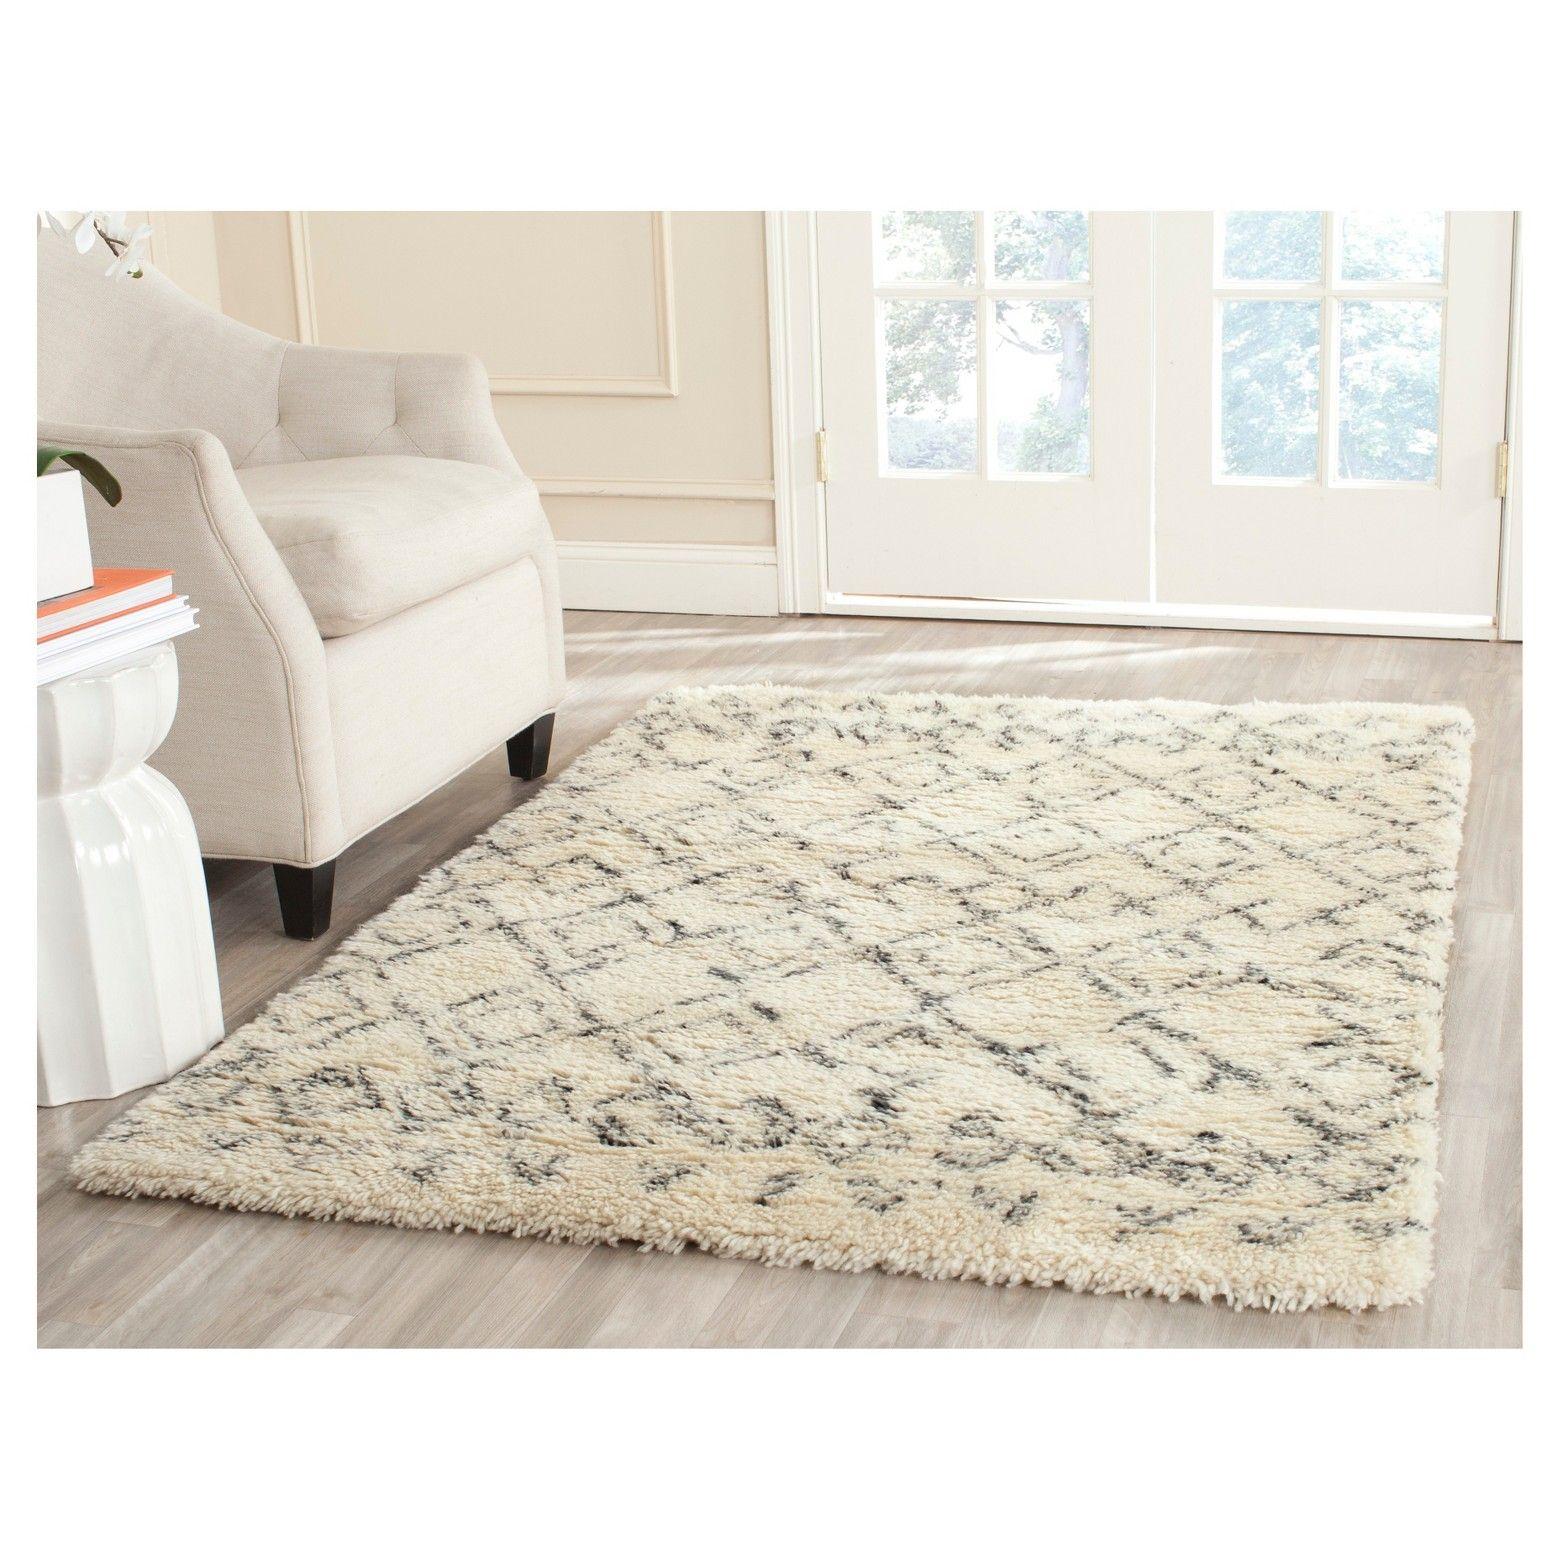 Jolie Geometric Area Rug Safavieh Area Rugs Wool Area Rugs